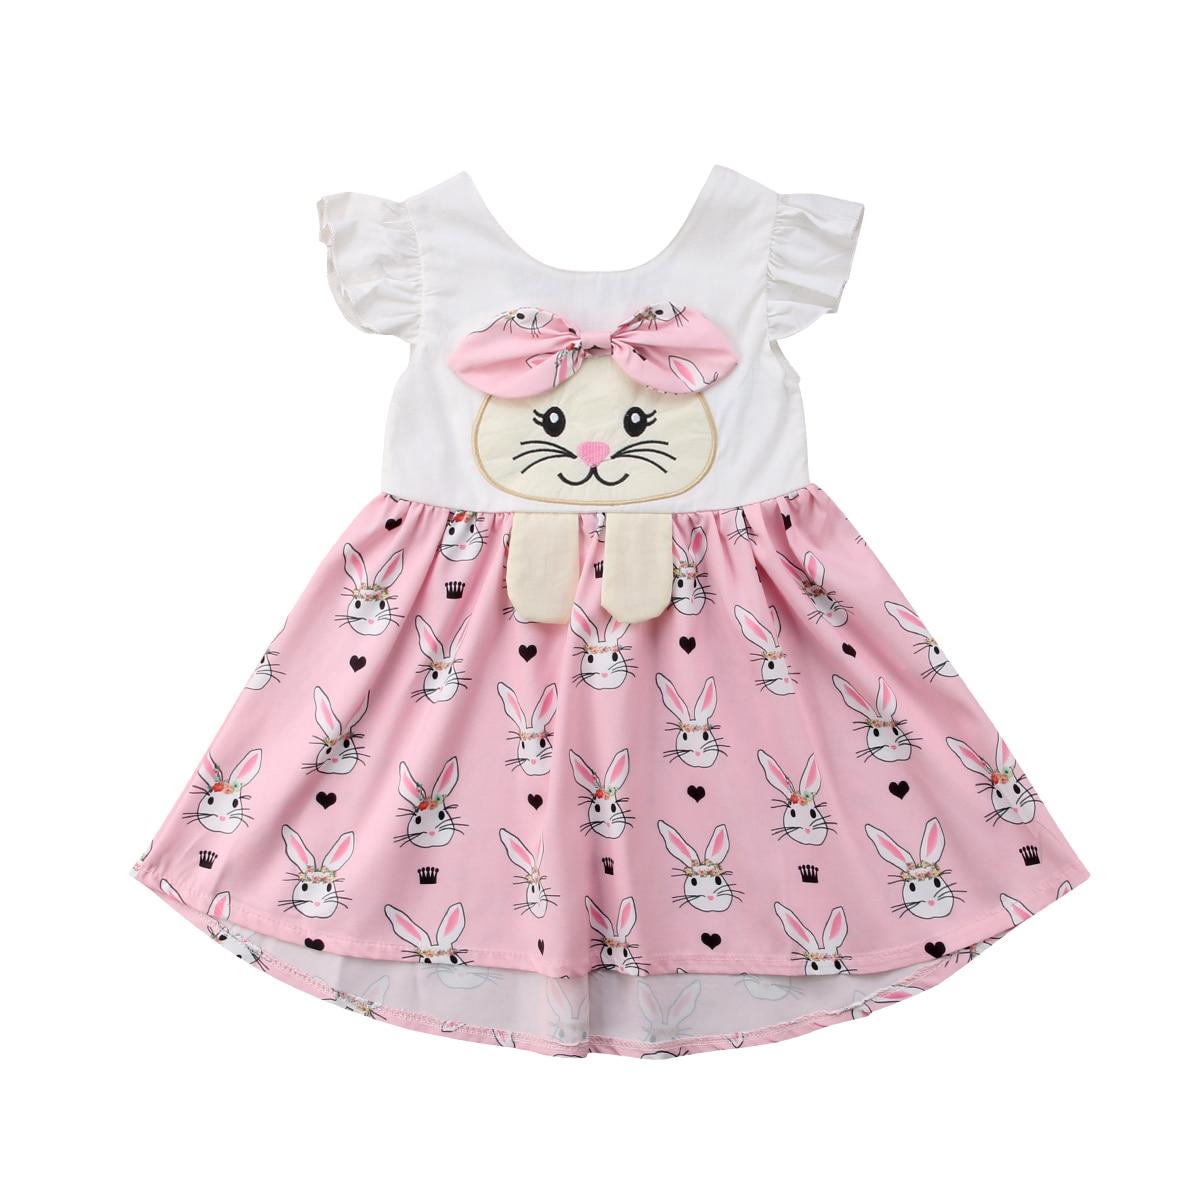 Сестра прекрасный малышей Детская одежда для девочек кролик комбинезон Сарафан платье наряд От 0 до 5 лет